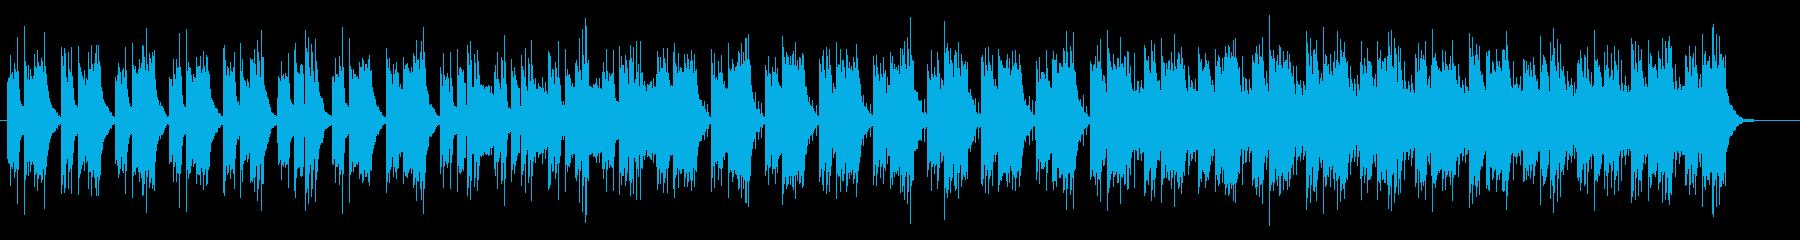 キレイに響く物悲しいミュージックの再生済みの波形